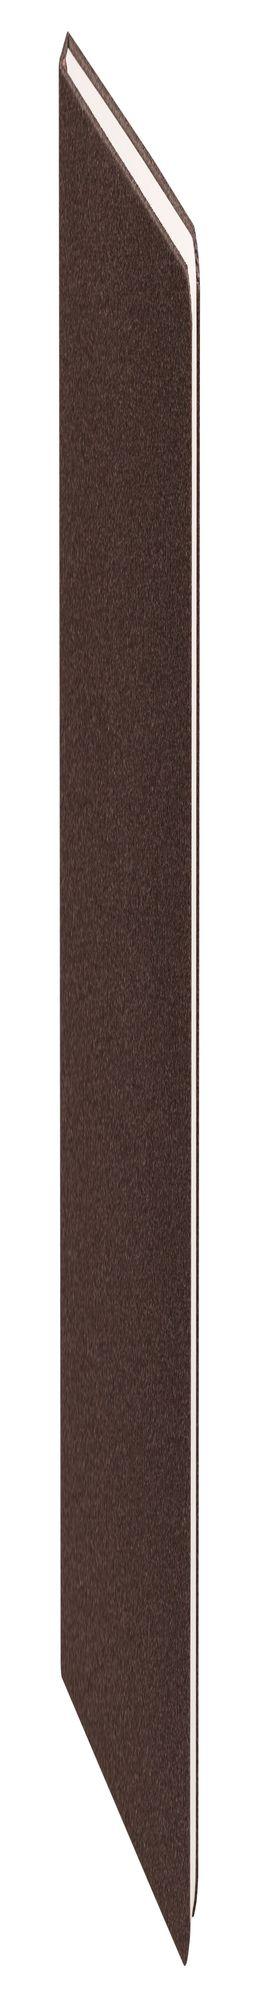 Ежедневник Lounge, недатированный, коричневый фото